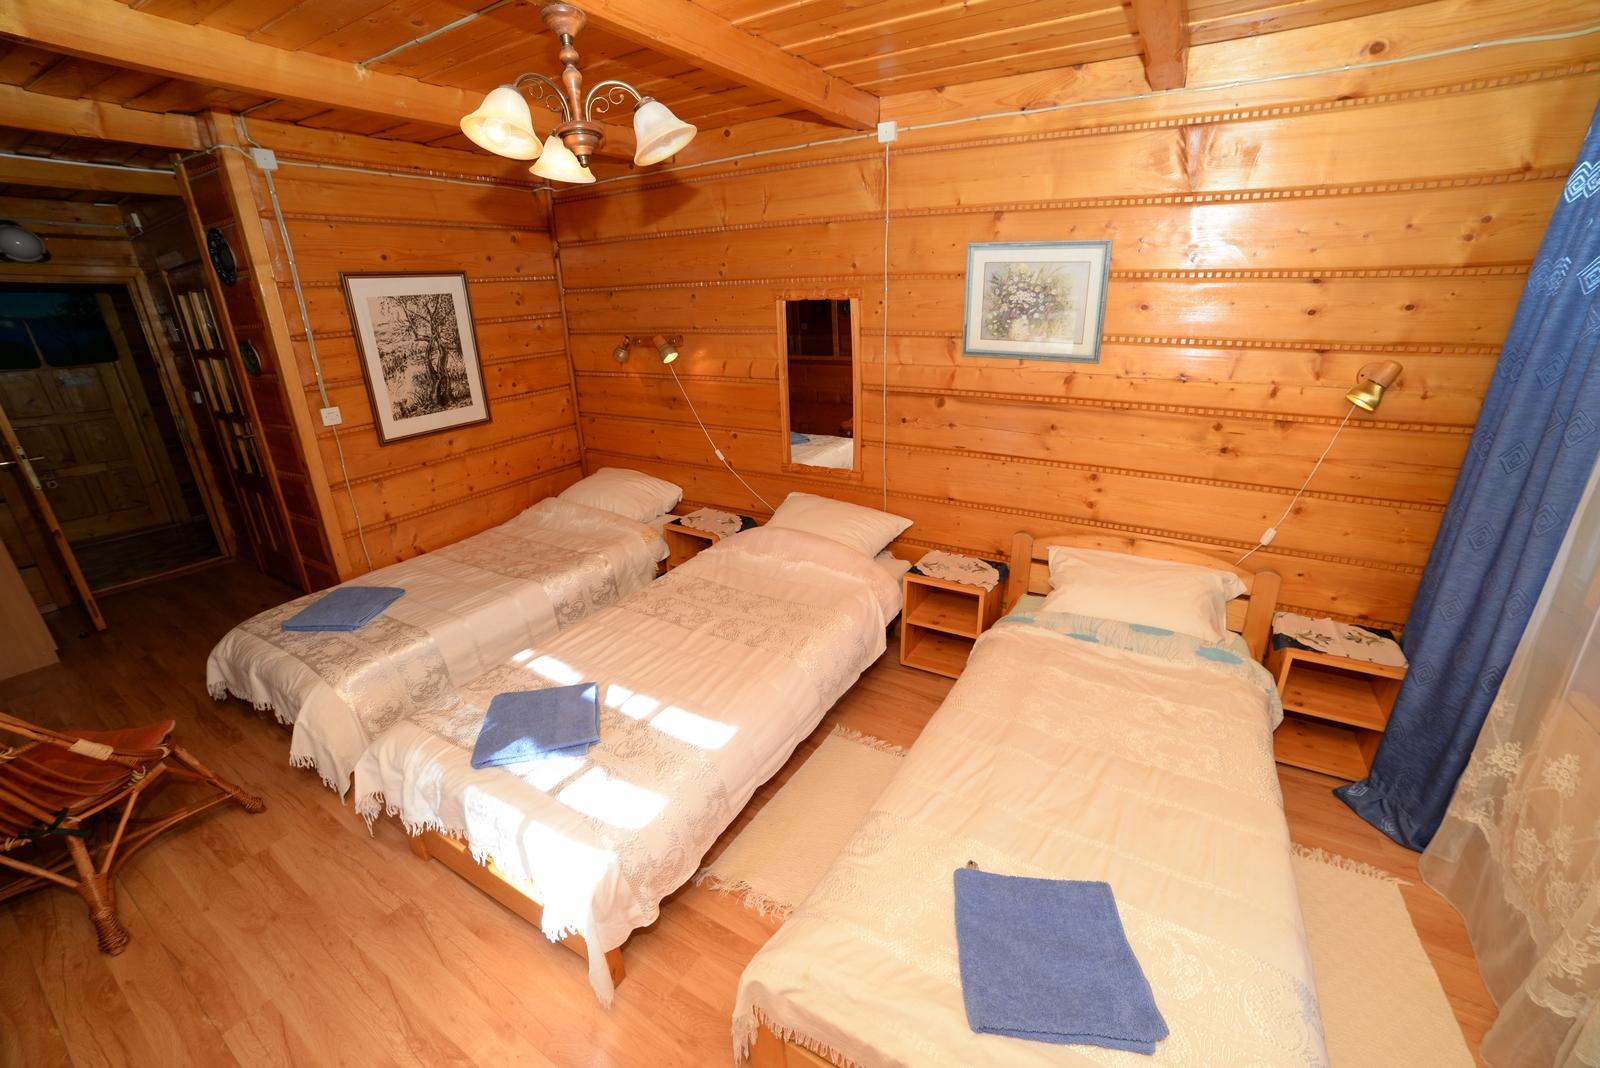 pokój dla 1-3 osób